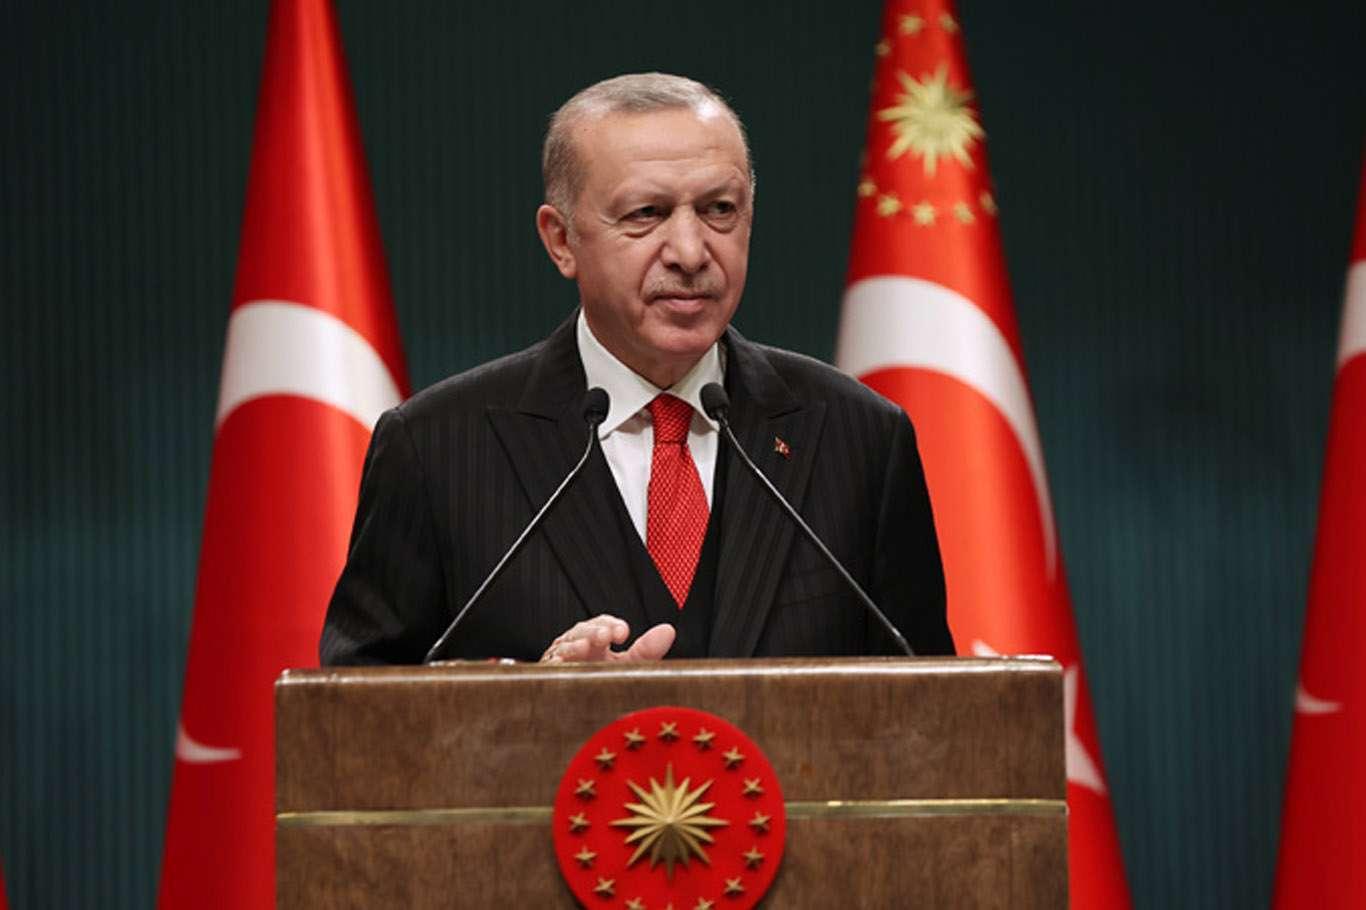 Anayasa Mı Değişiyor? Başkan Erdoğan Açıkladı!